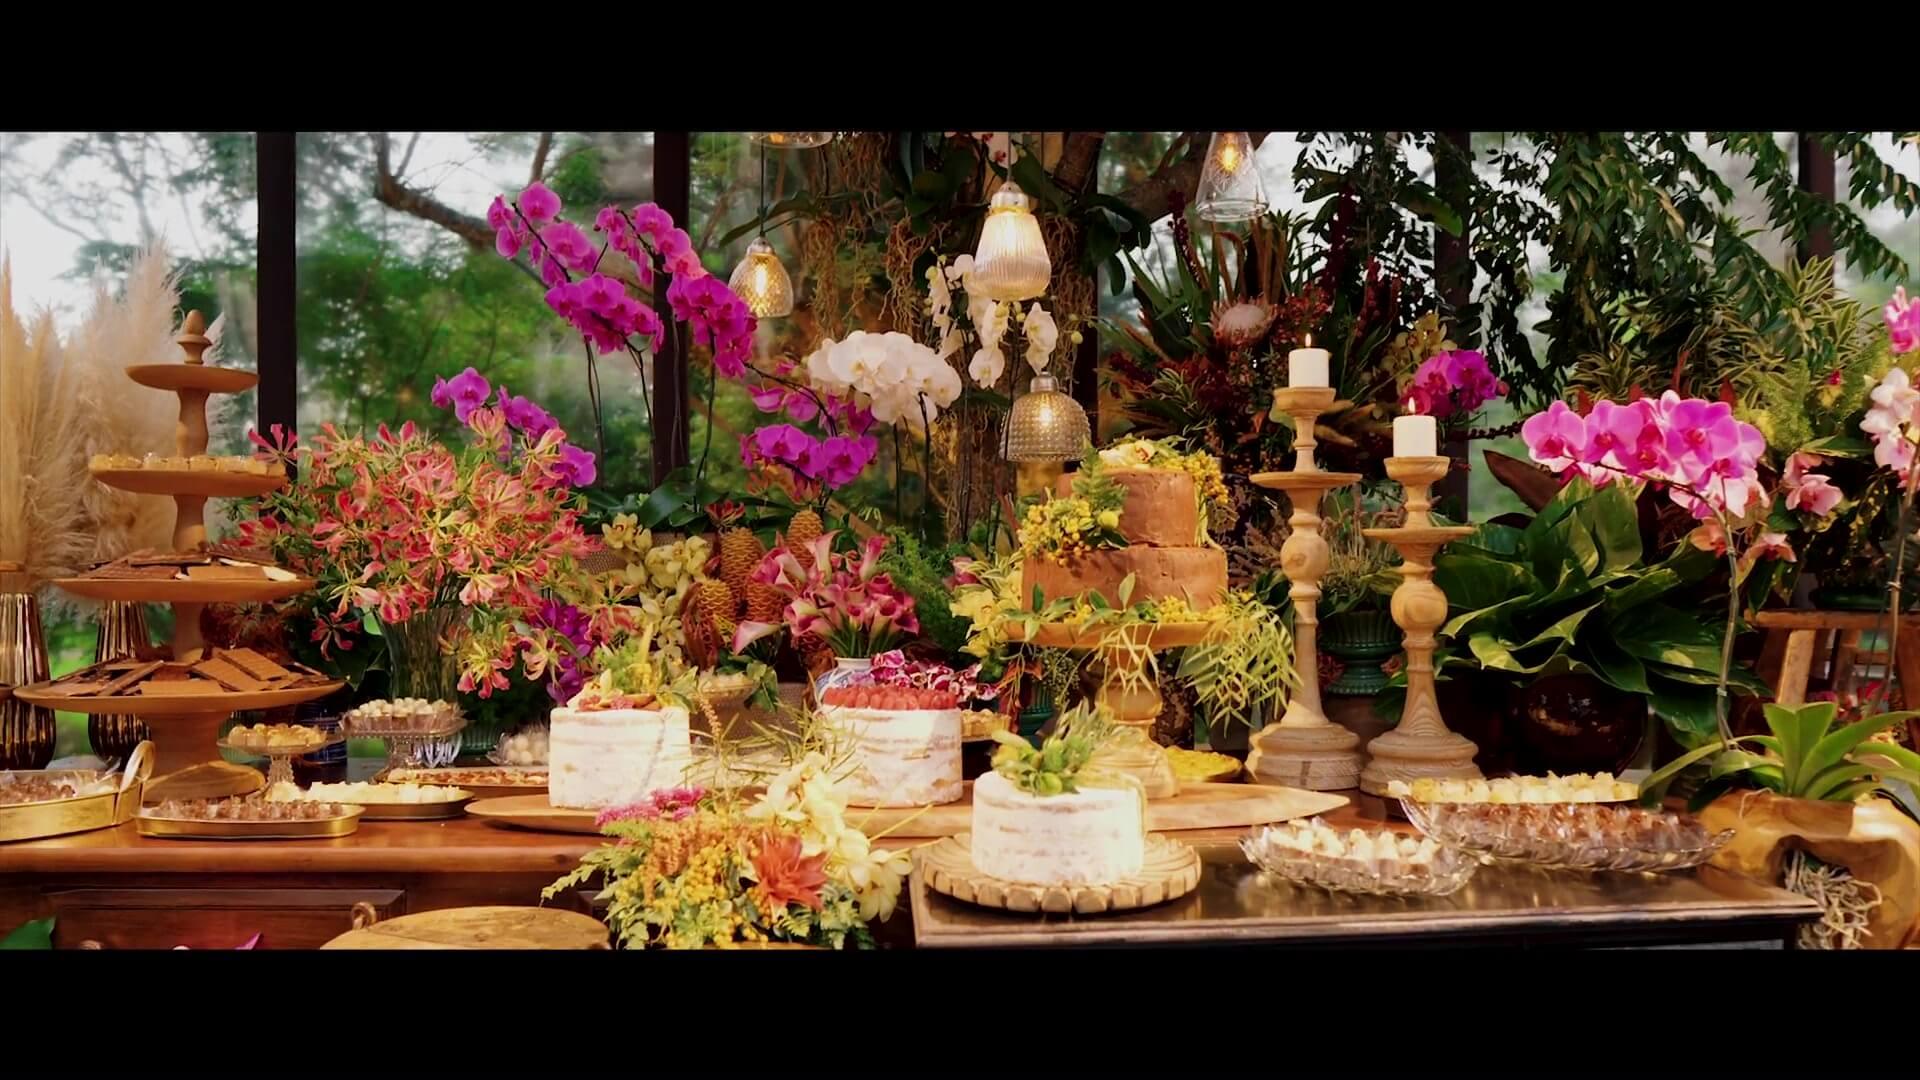 glenda_e_cassio_destination_wedding_fazenda_rio_grande_do_sul00024